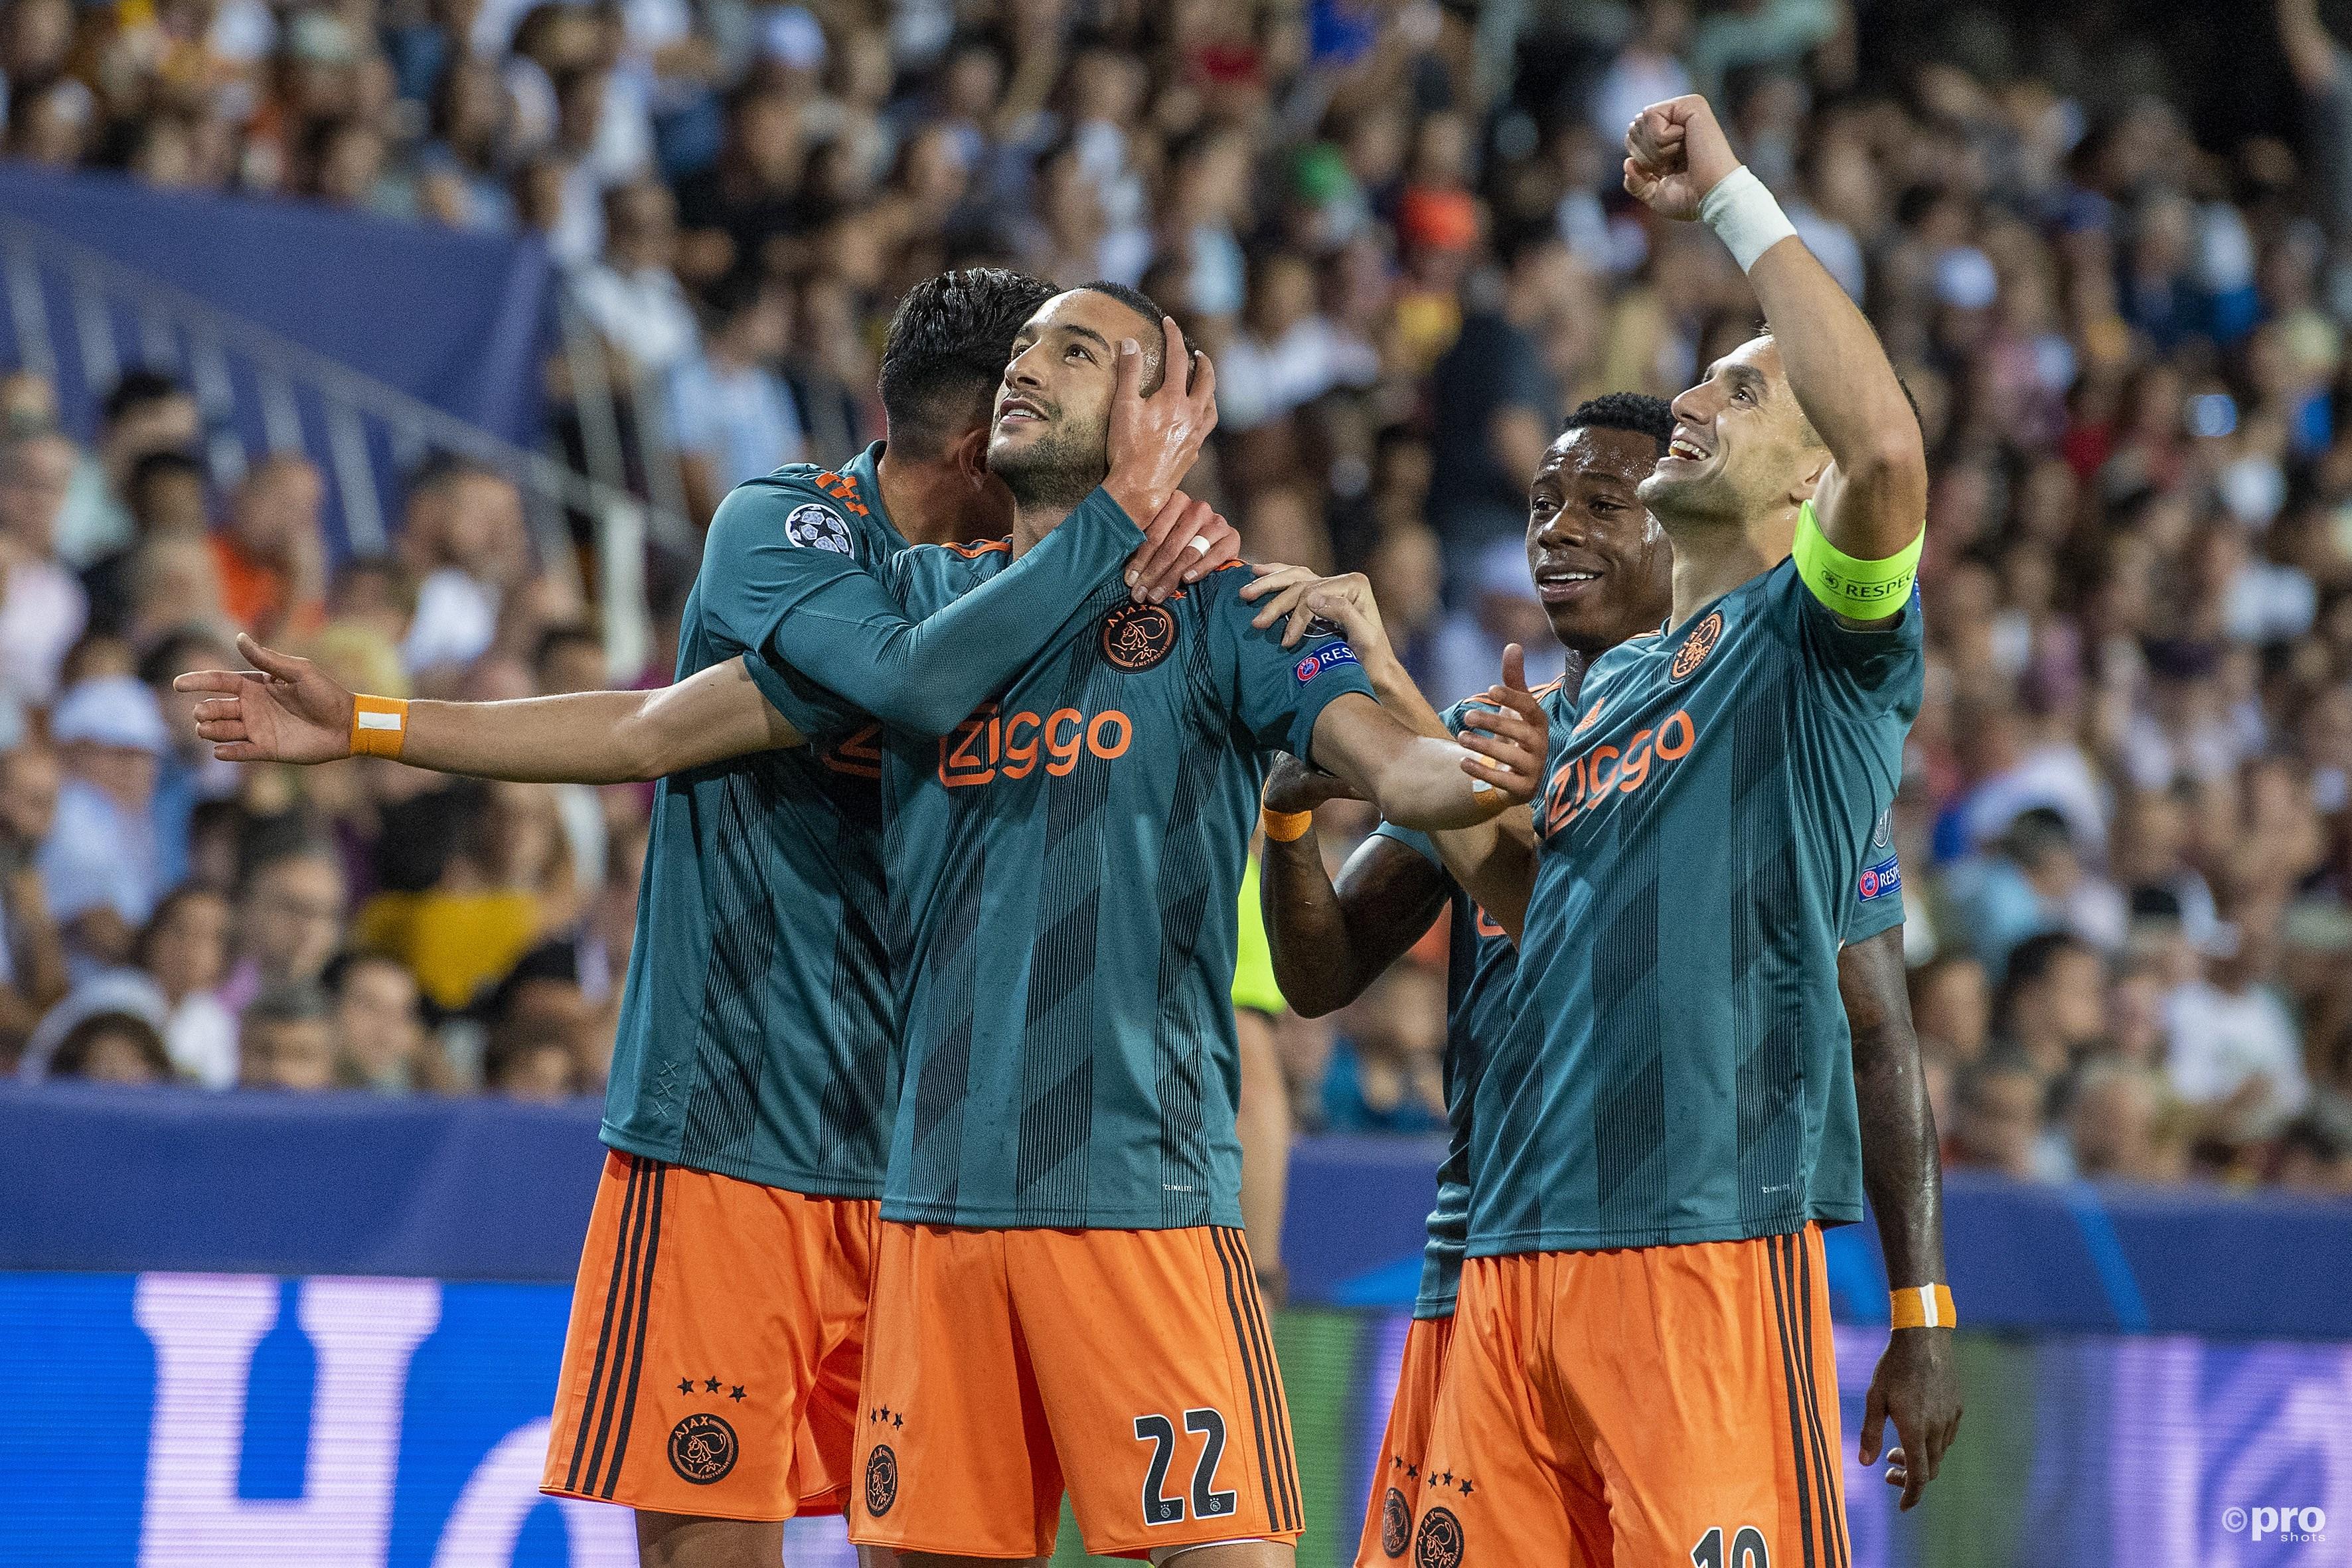 Effectief Ajax boekt knappe zege in Valencia (Pro Shots / Jasper Ruhe)